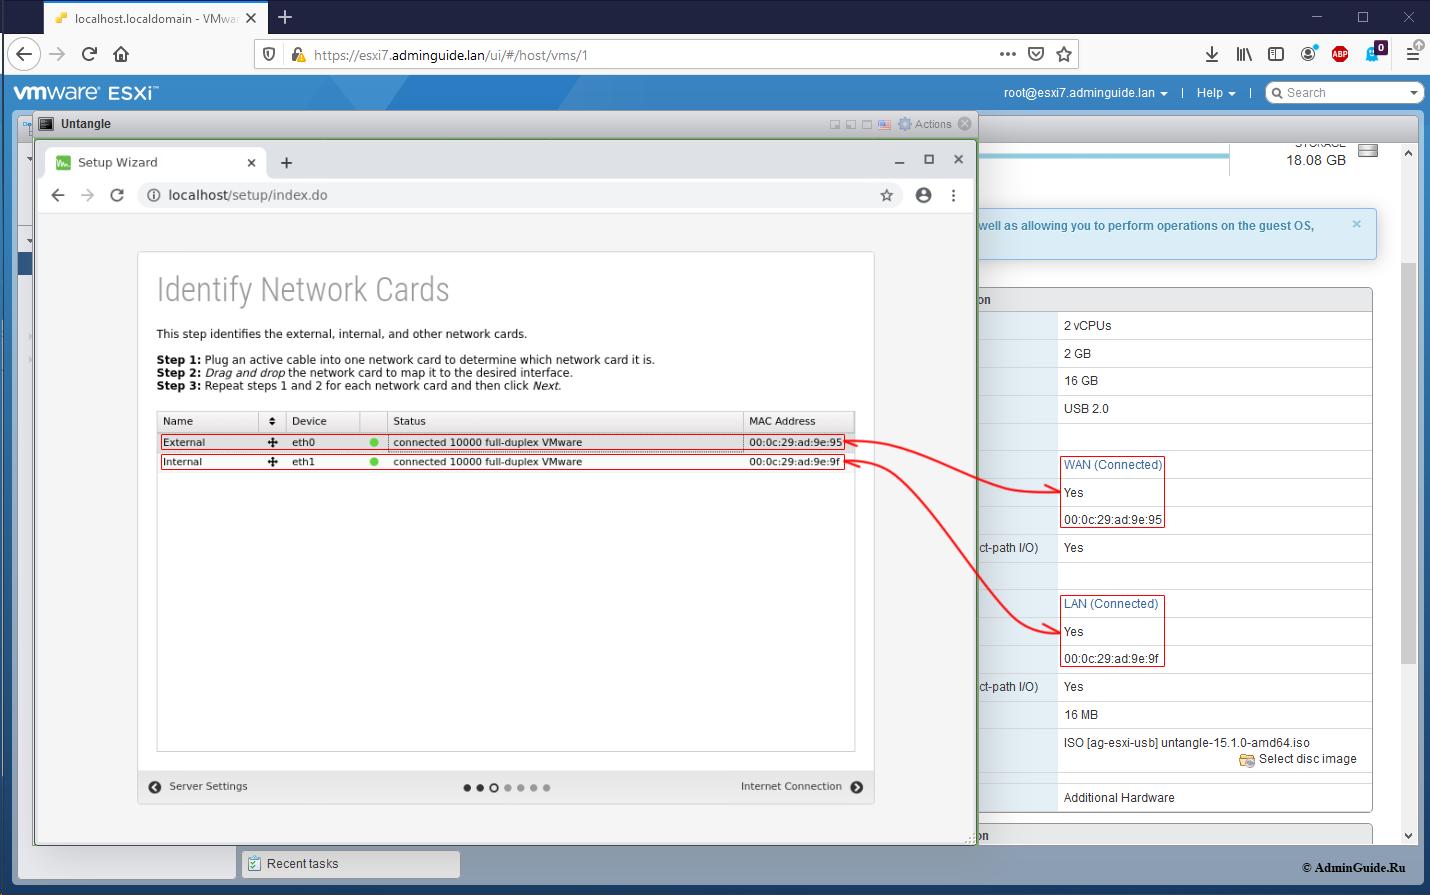 Установка Untangle Firewall и первичная настройка на ESXi 7 - Проверяем соответствие интерфейсов и групп портов